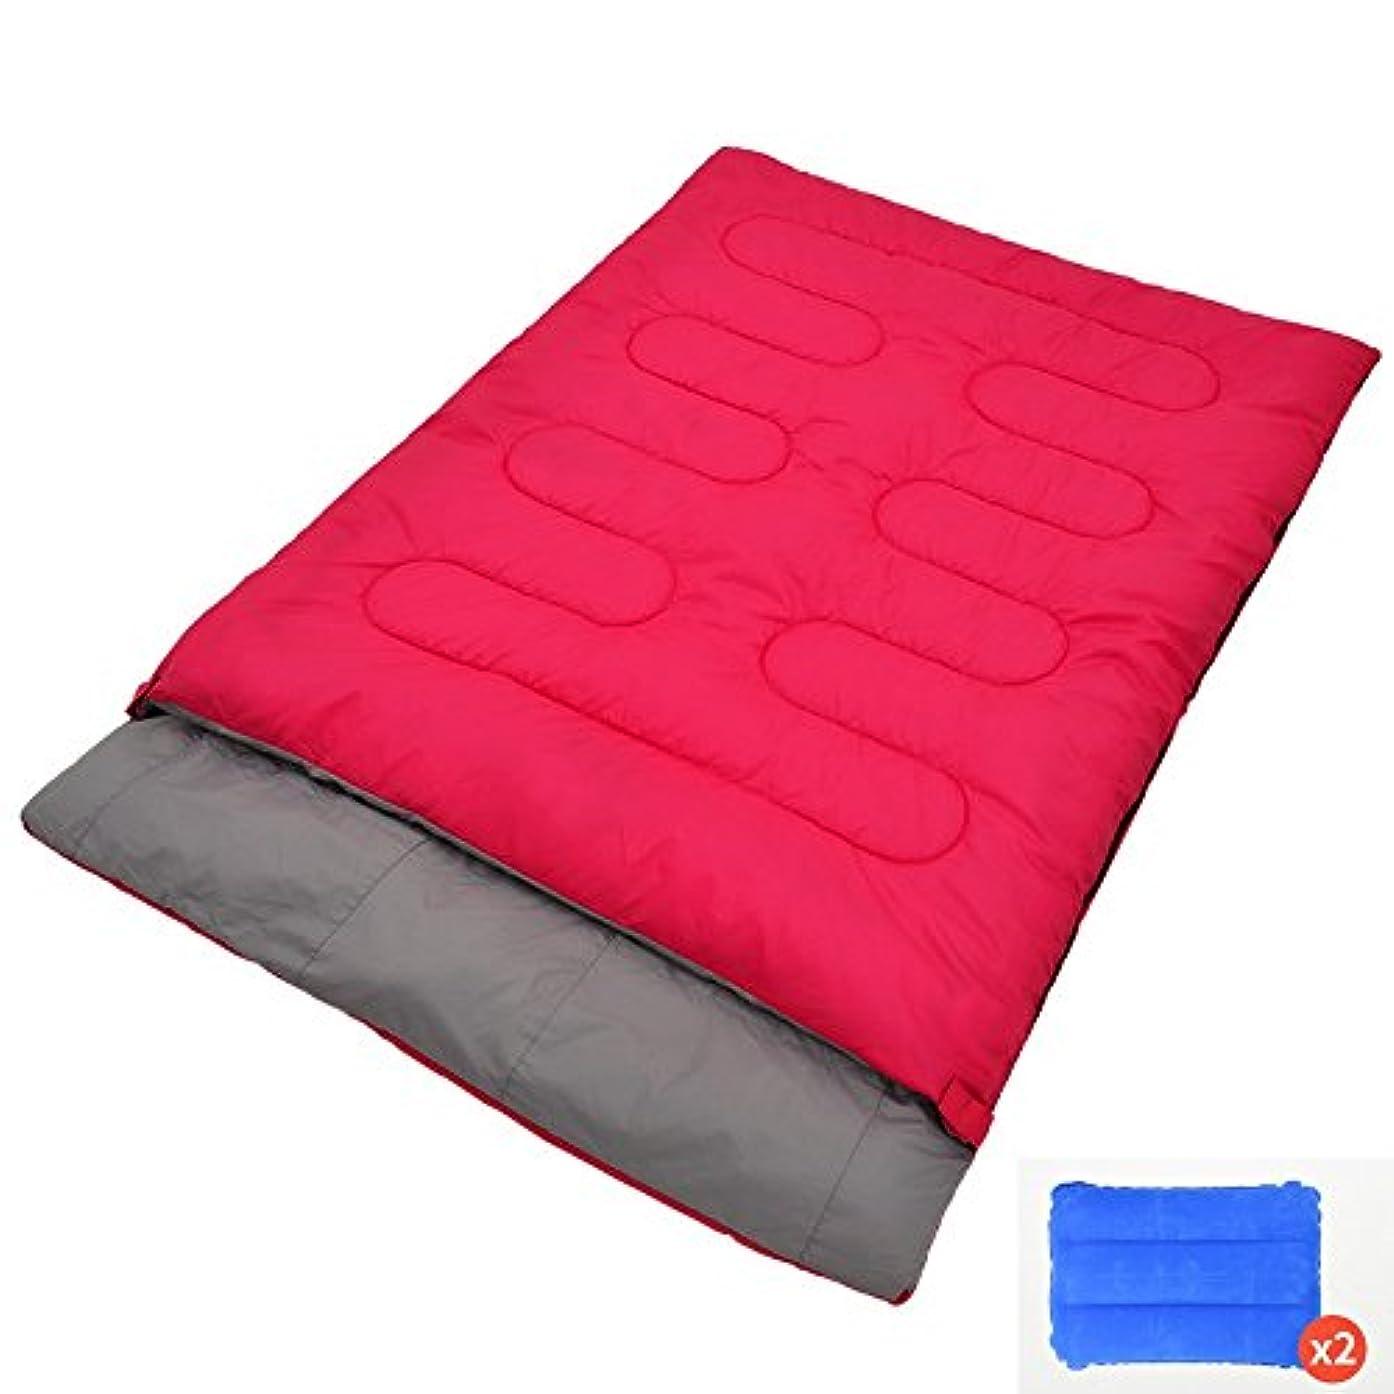 光沢のある汚物均等にLJHA shuidai エンベロープ寝袋/2枕/ダブルラバーズ寝袋/屋外キャンプハイキングコットン長方形の寝袋(190 + 25)* 145センチメートル (色 : Red, サイズ さいず : 3.0KG)